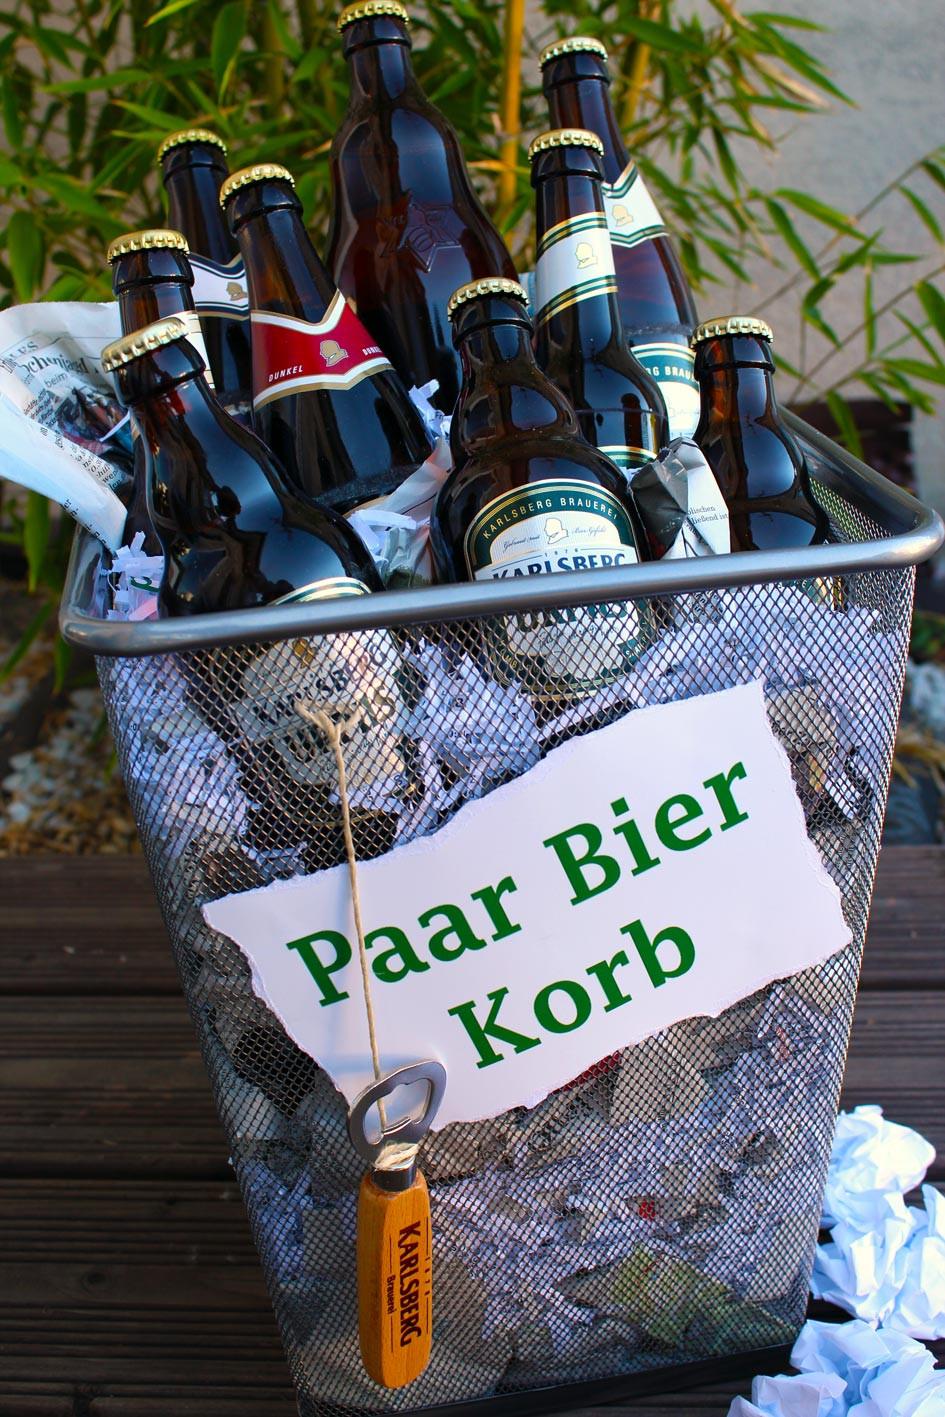 Bier Geschenke Selber Machen  EppelBlog Geschenkidee Der Paar Bier Korb